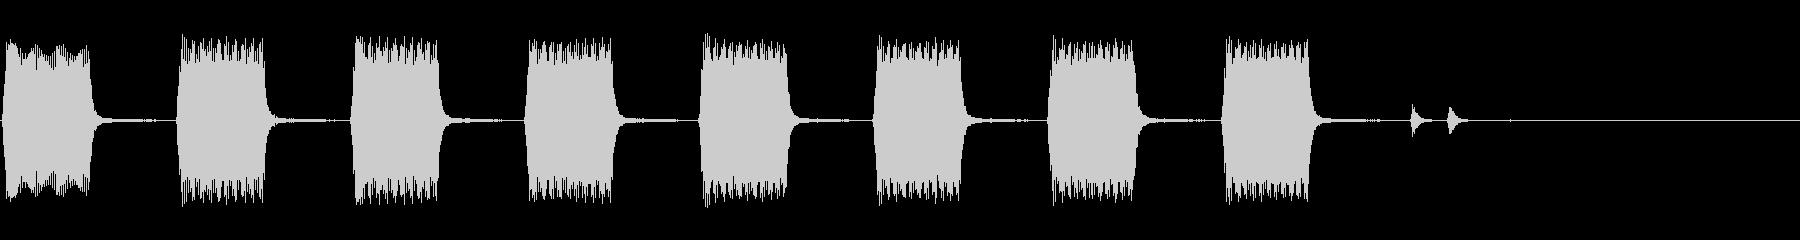 ハマーH1 SUV:EXT:セキュ...の未再生の波形